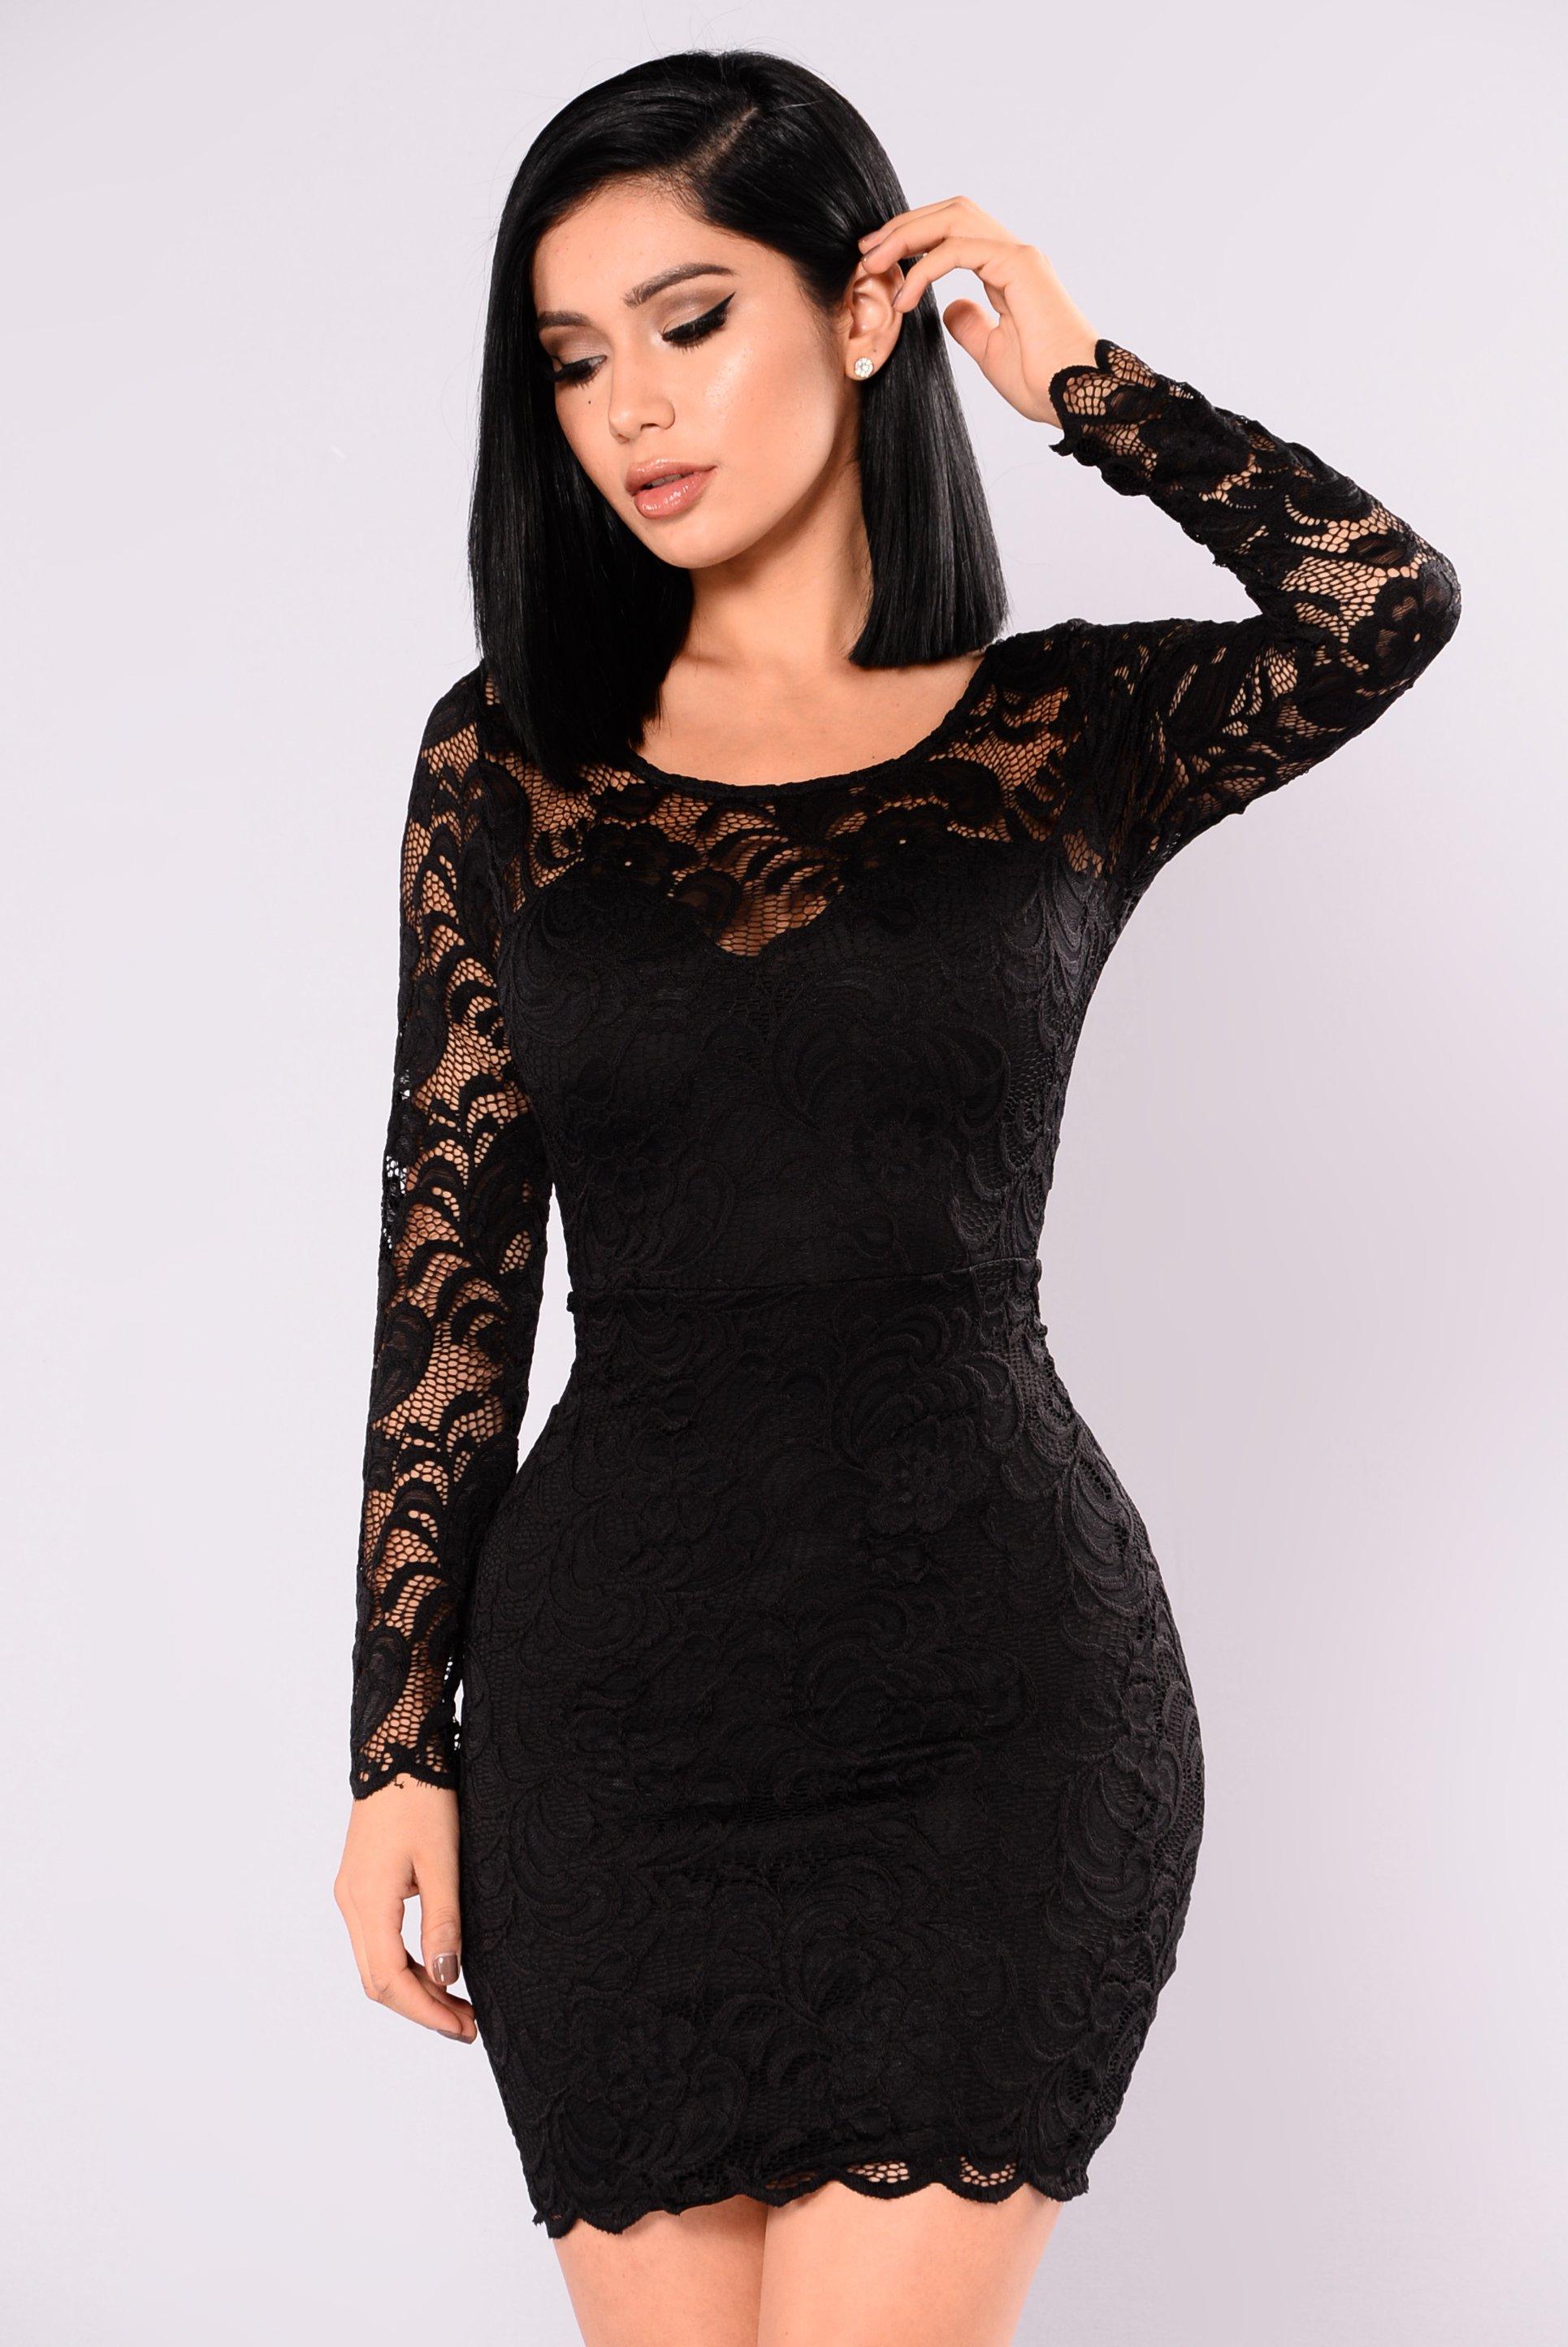 US$ 7.5 - Black Lace Mini Dress 27233-1 - www.global-lover.com